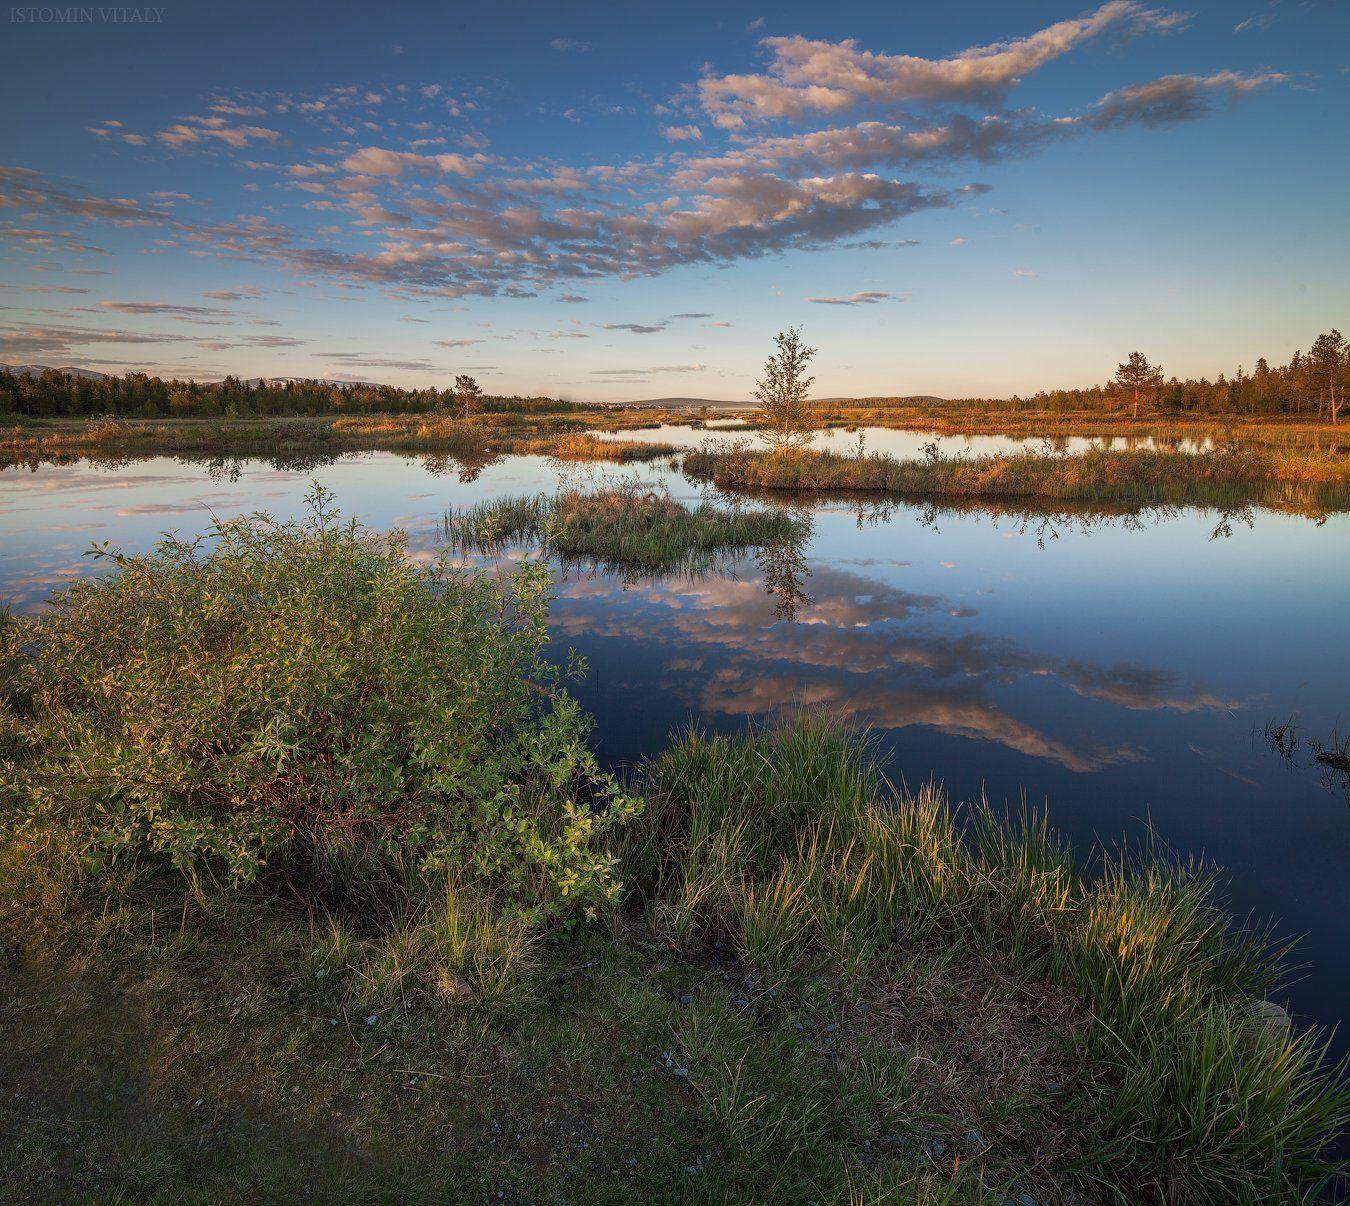 пейзаж,свет,россия,лето,хибины,кольский,отражение,вода,озеро,панорама,закат, Истомин Виталий